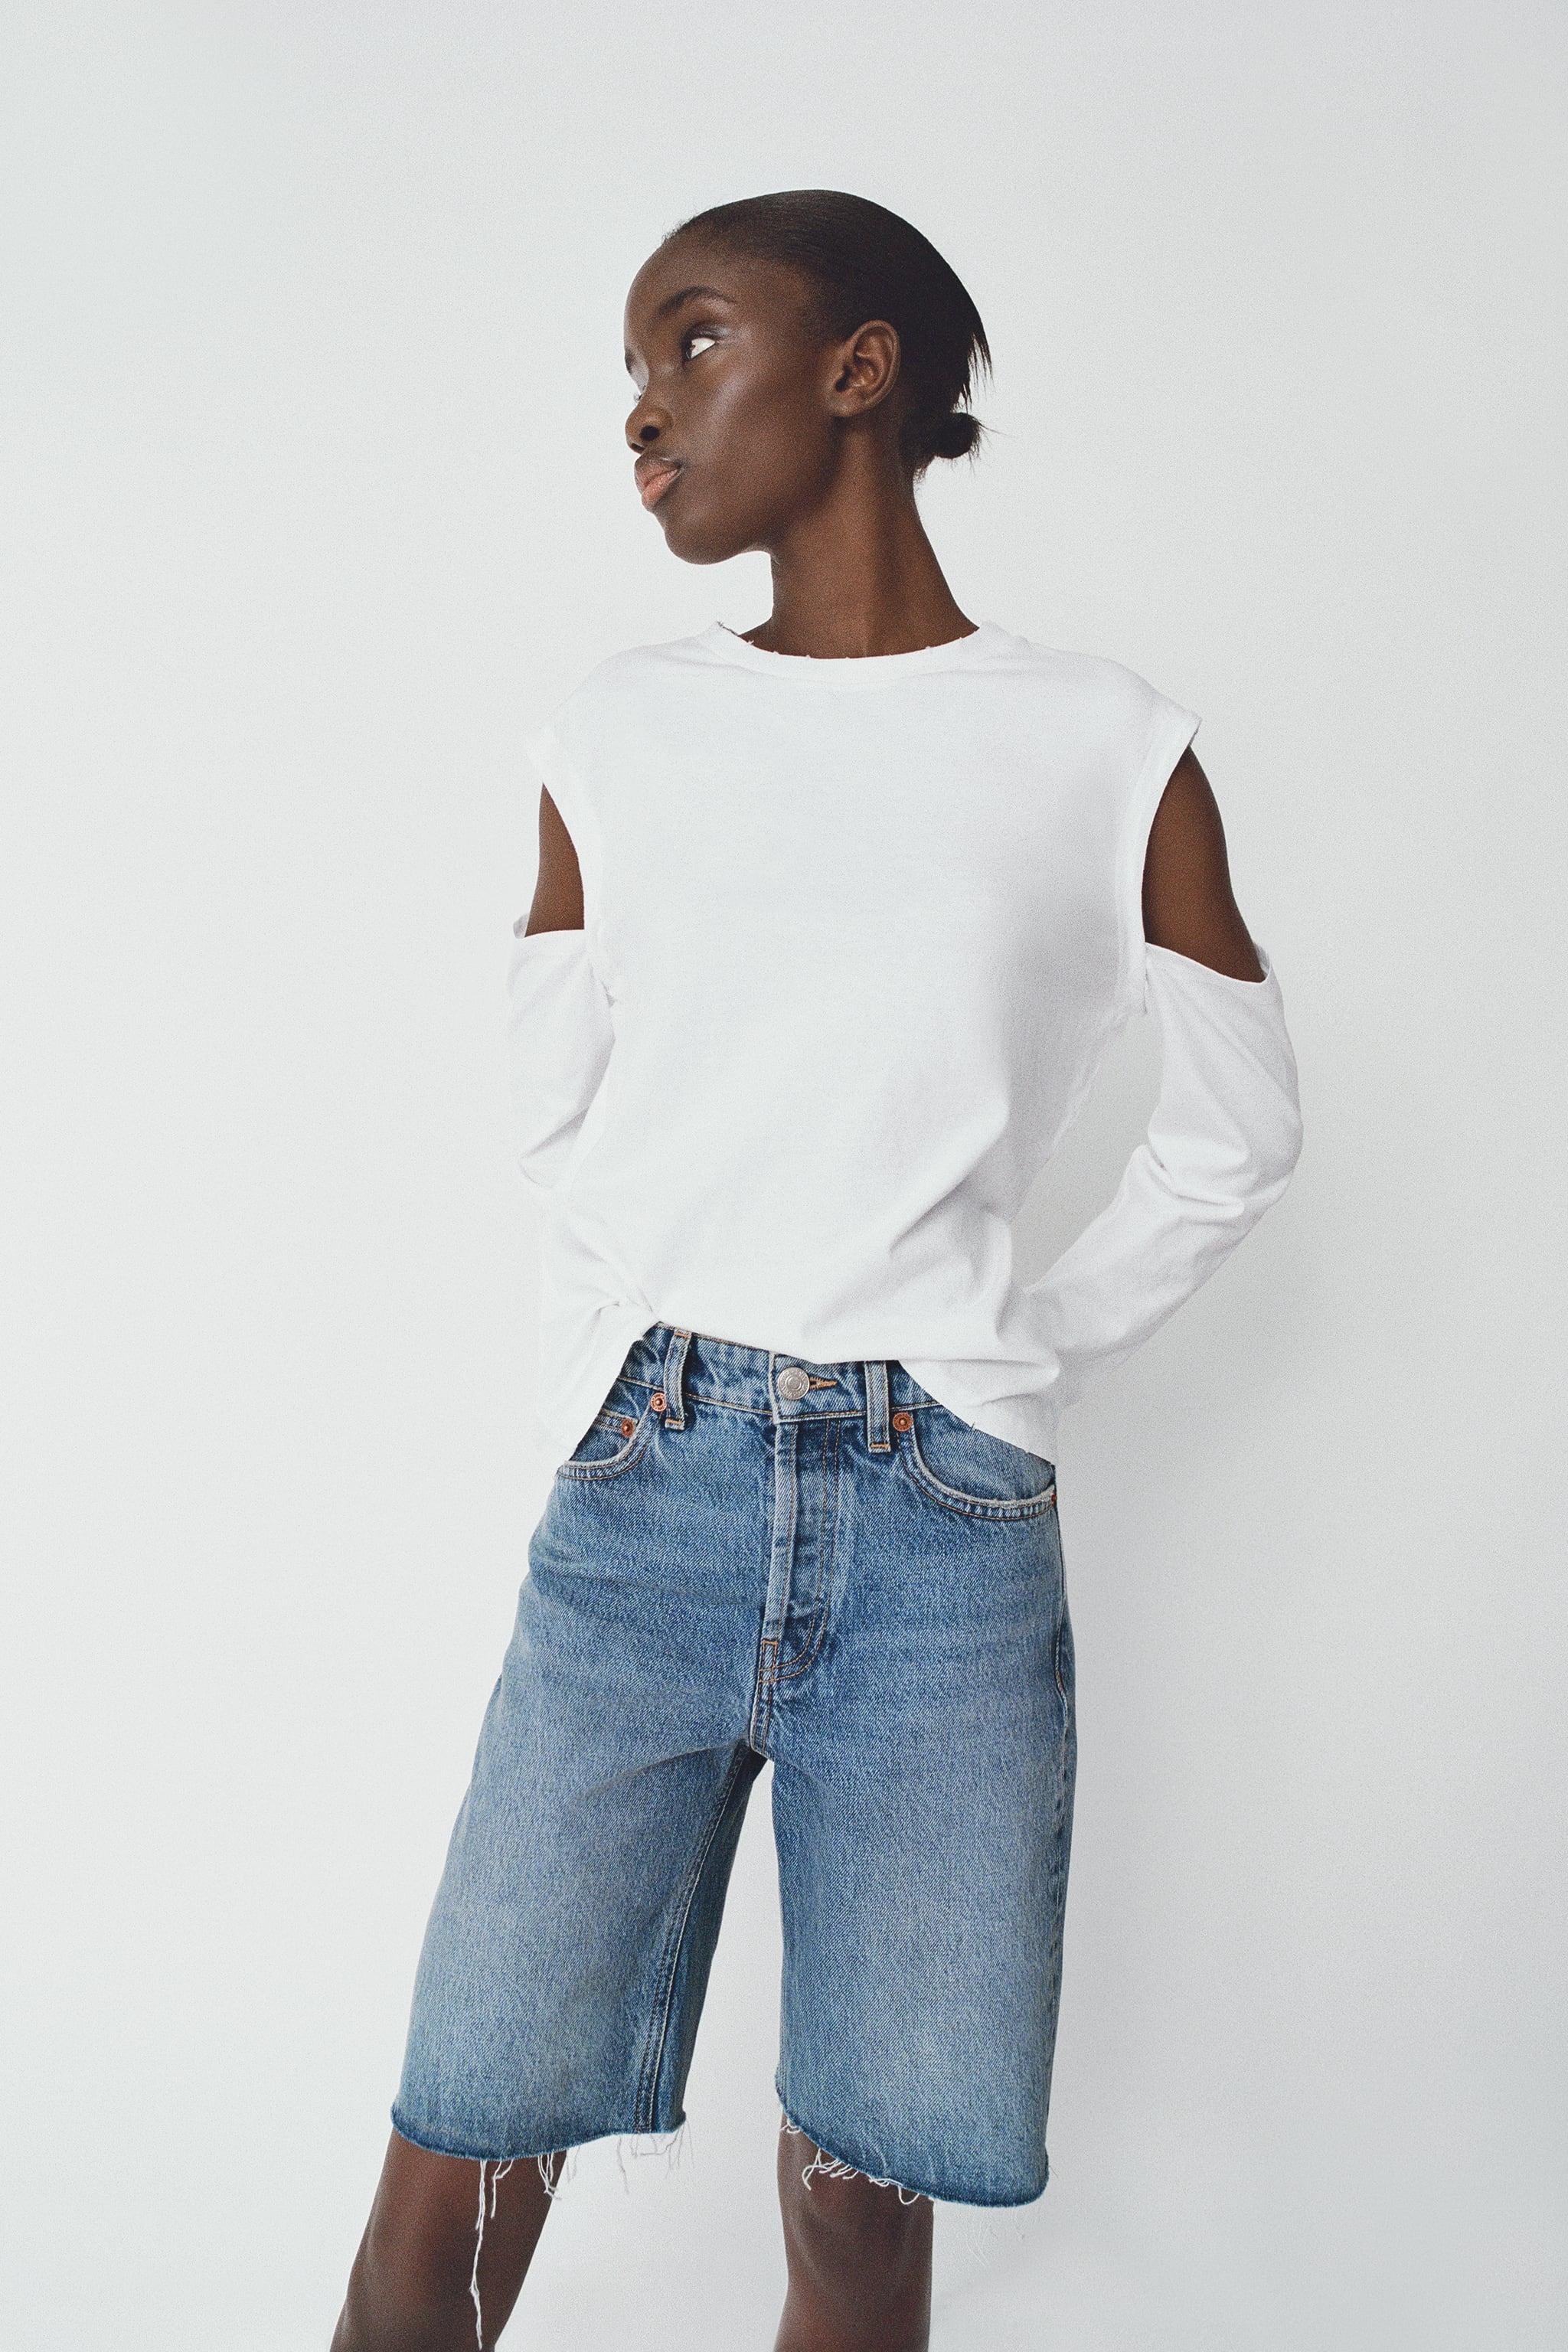 T-shirt à manches longues et découpes aux épaules, Zara, 15,95 €.